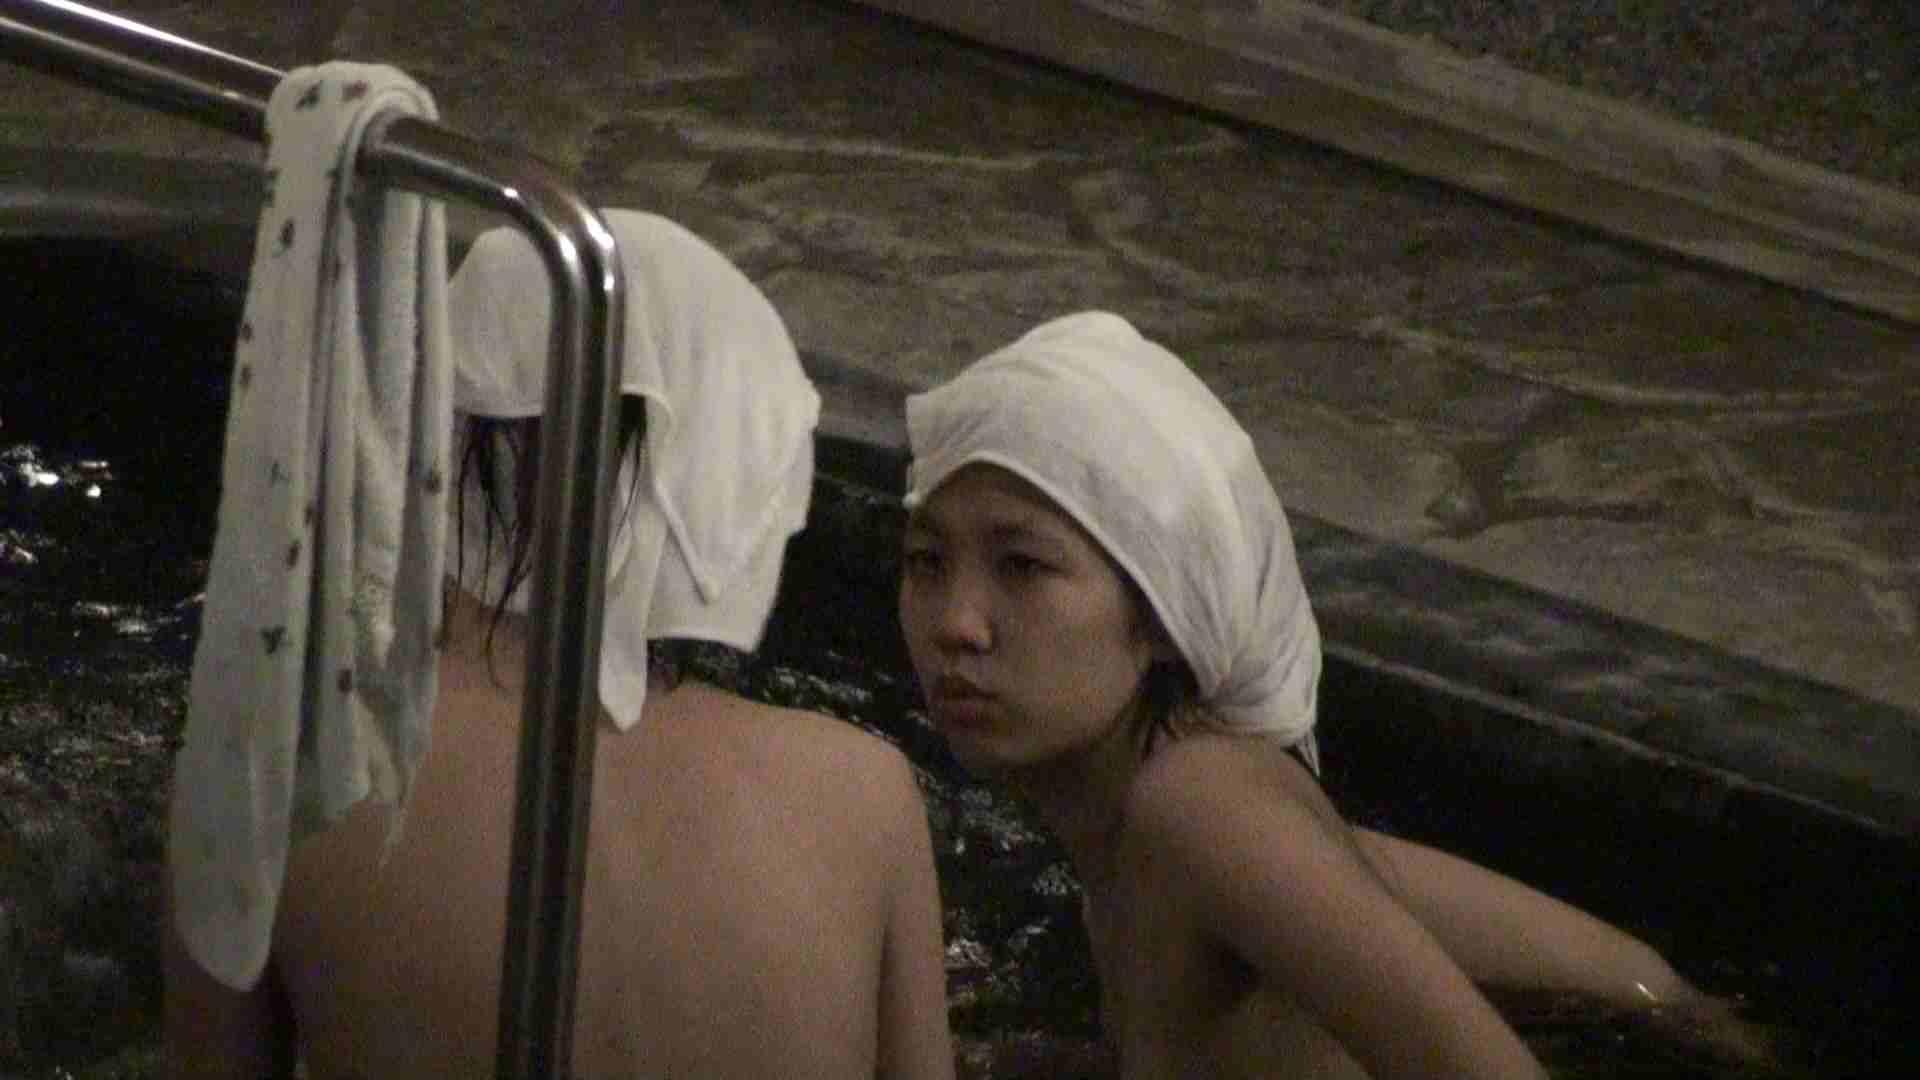 Aquaな露天風呂Vol.358 OLハメ撮り  54Pix 5